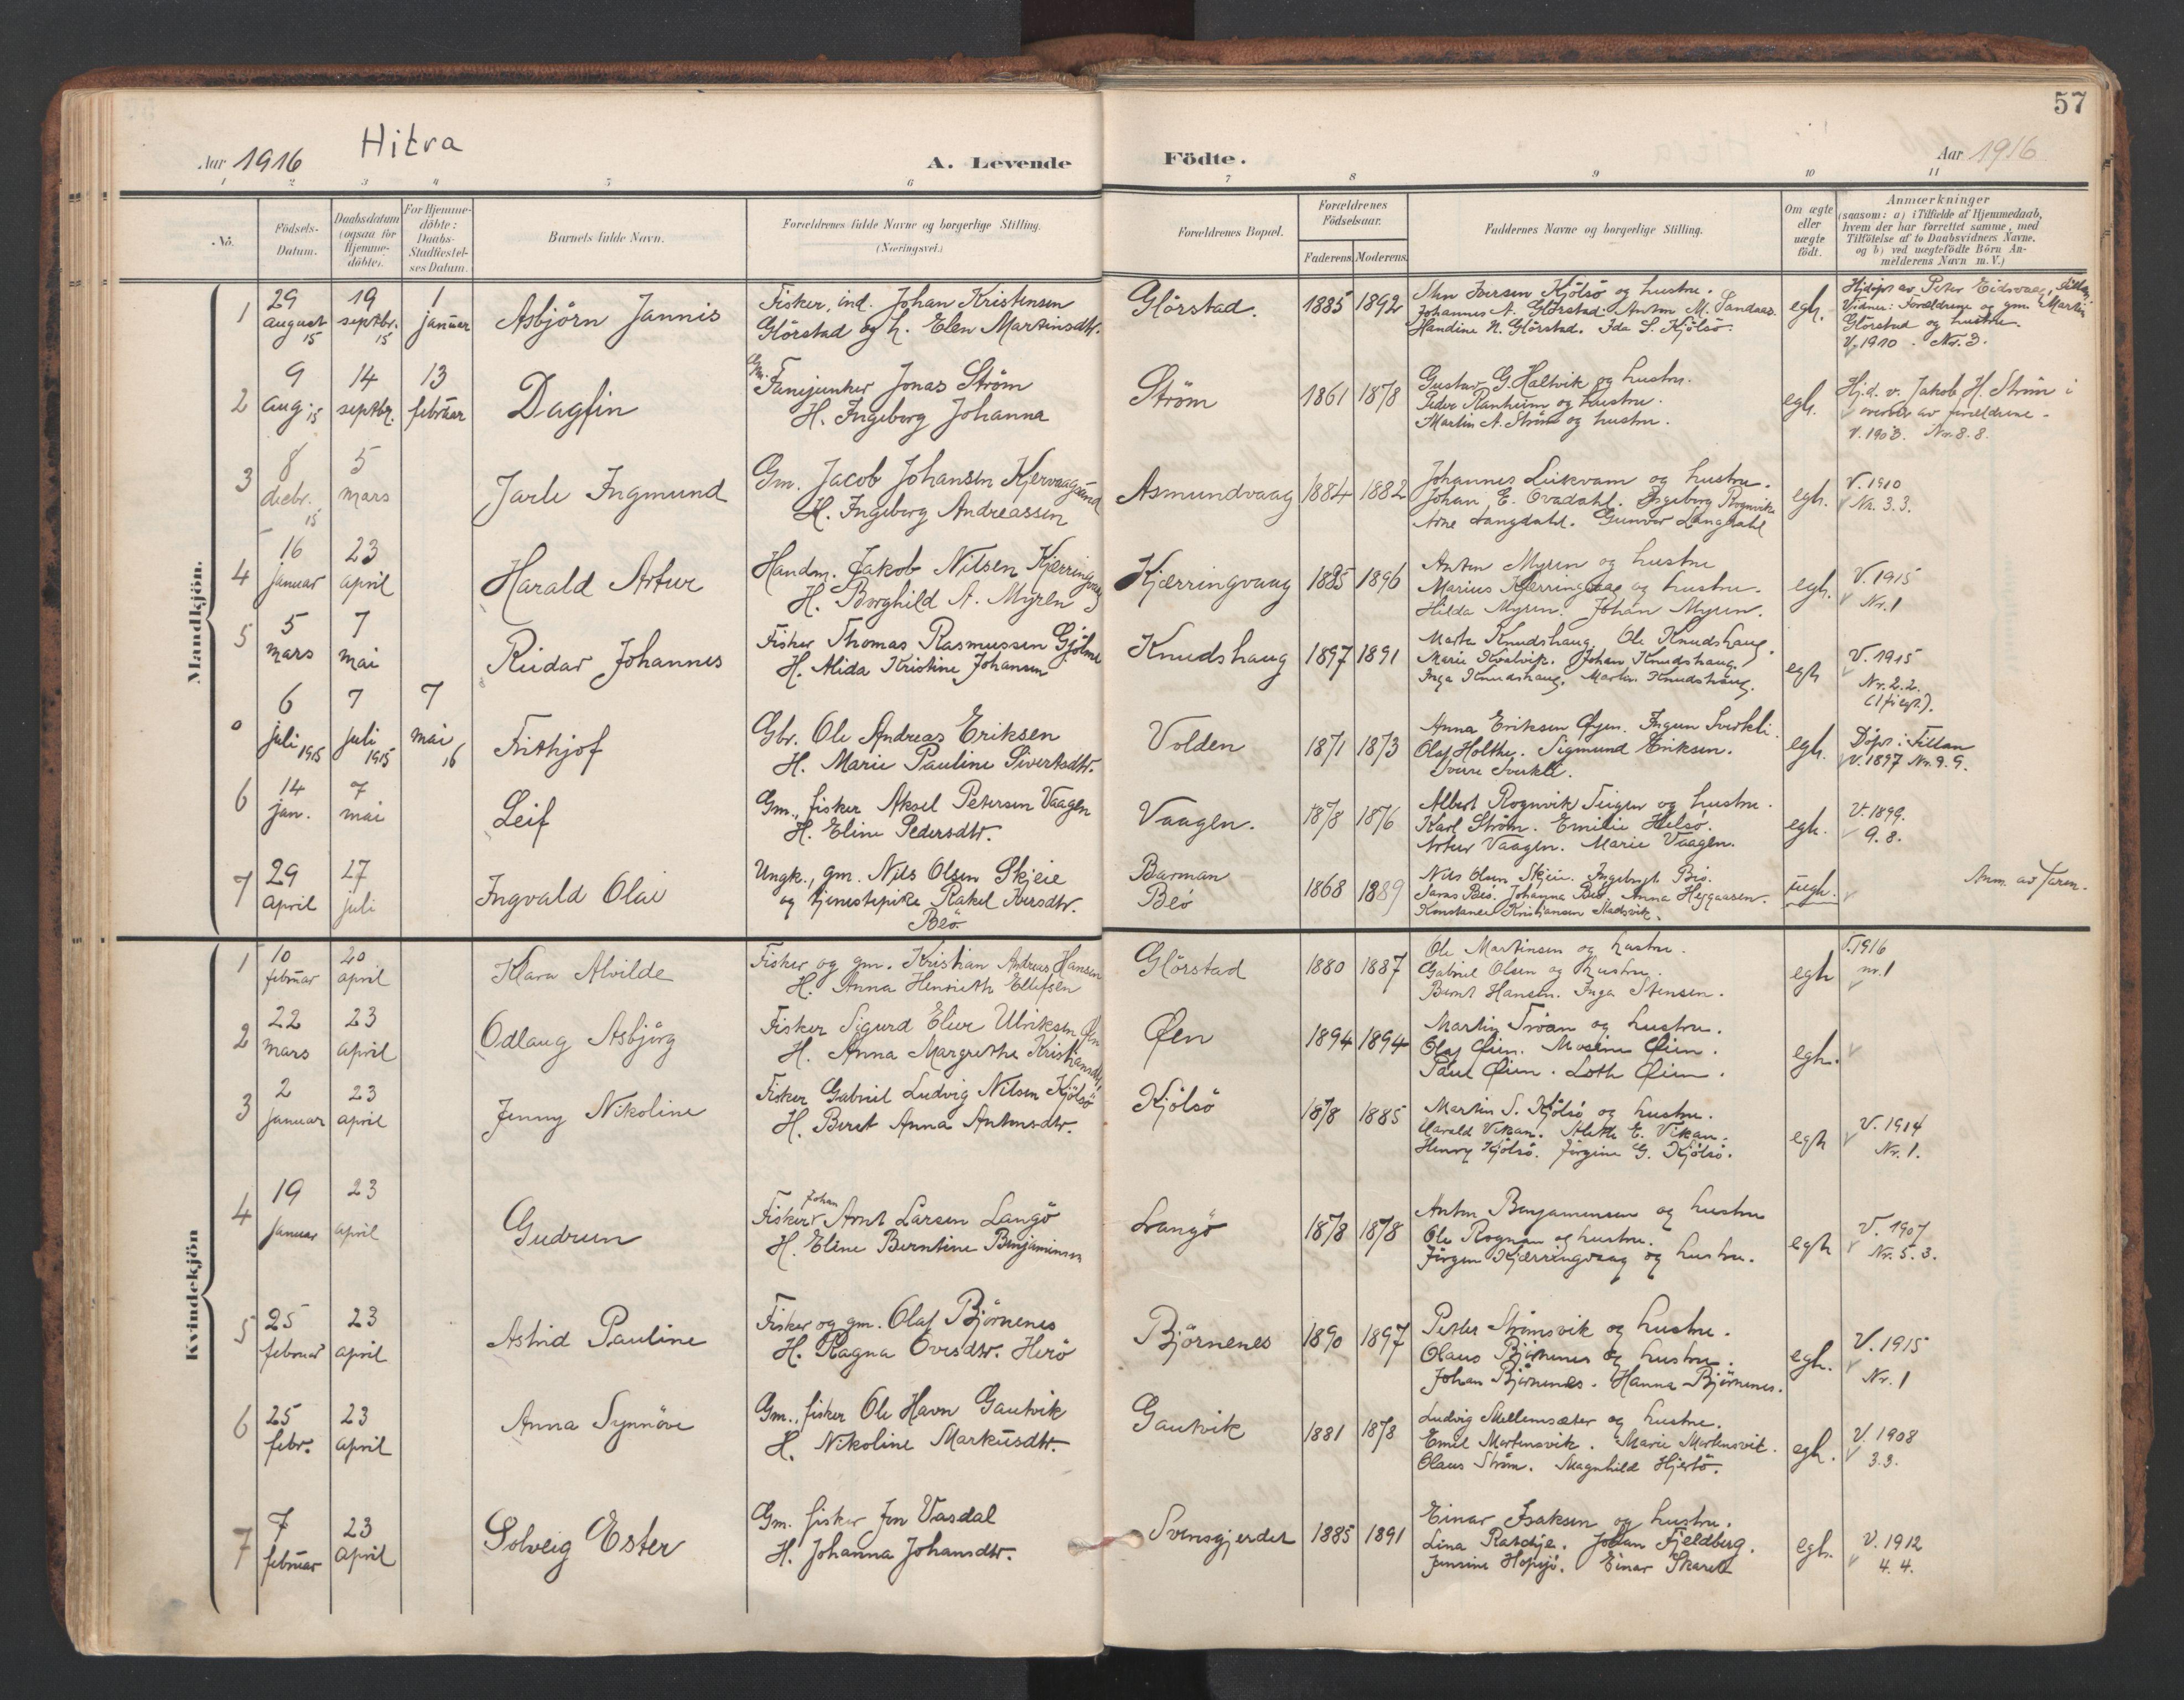 SAT, Ministerialprotokoller, klokkerbøker og fødselsregistre - Sør-Trøndelag, 634/L0537: Ministerialbok nr. 634A13, 1896-1922, s. 57